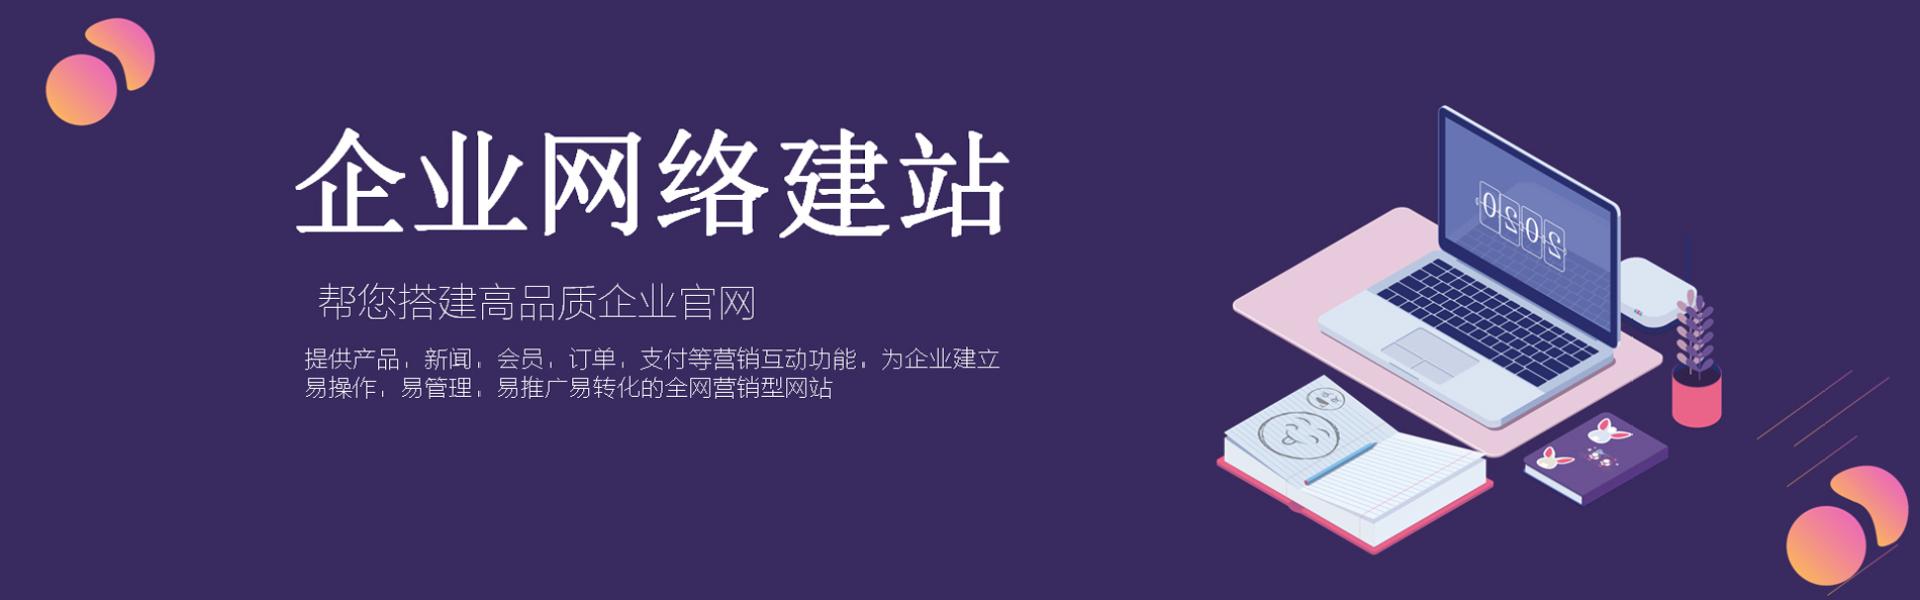 洛陽網絡公司企業網站建設